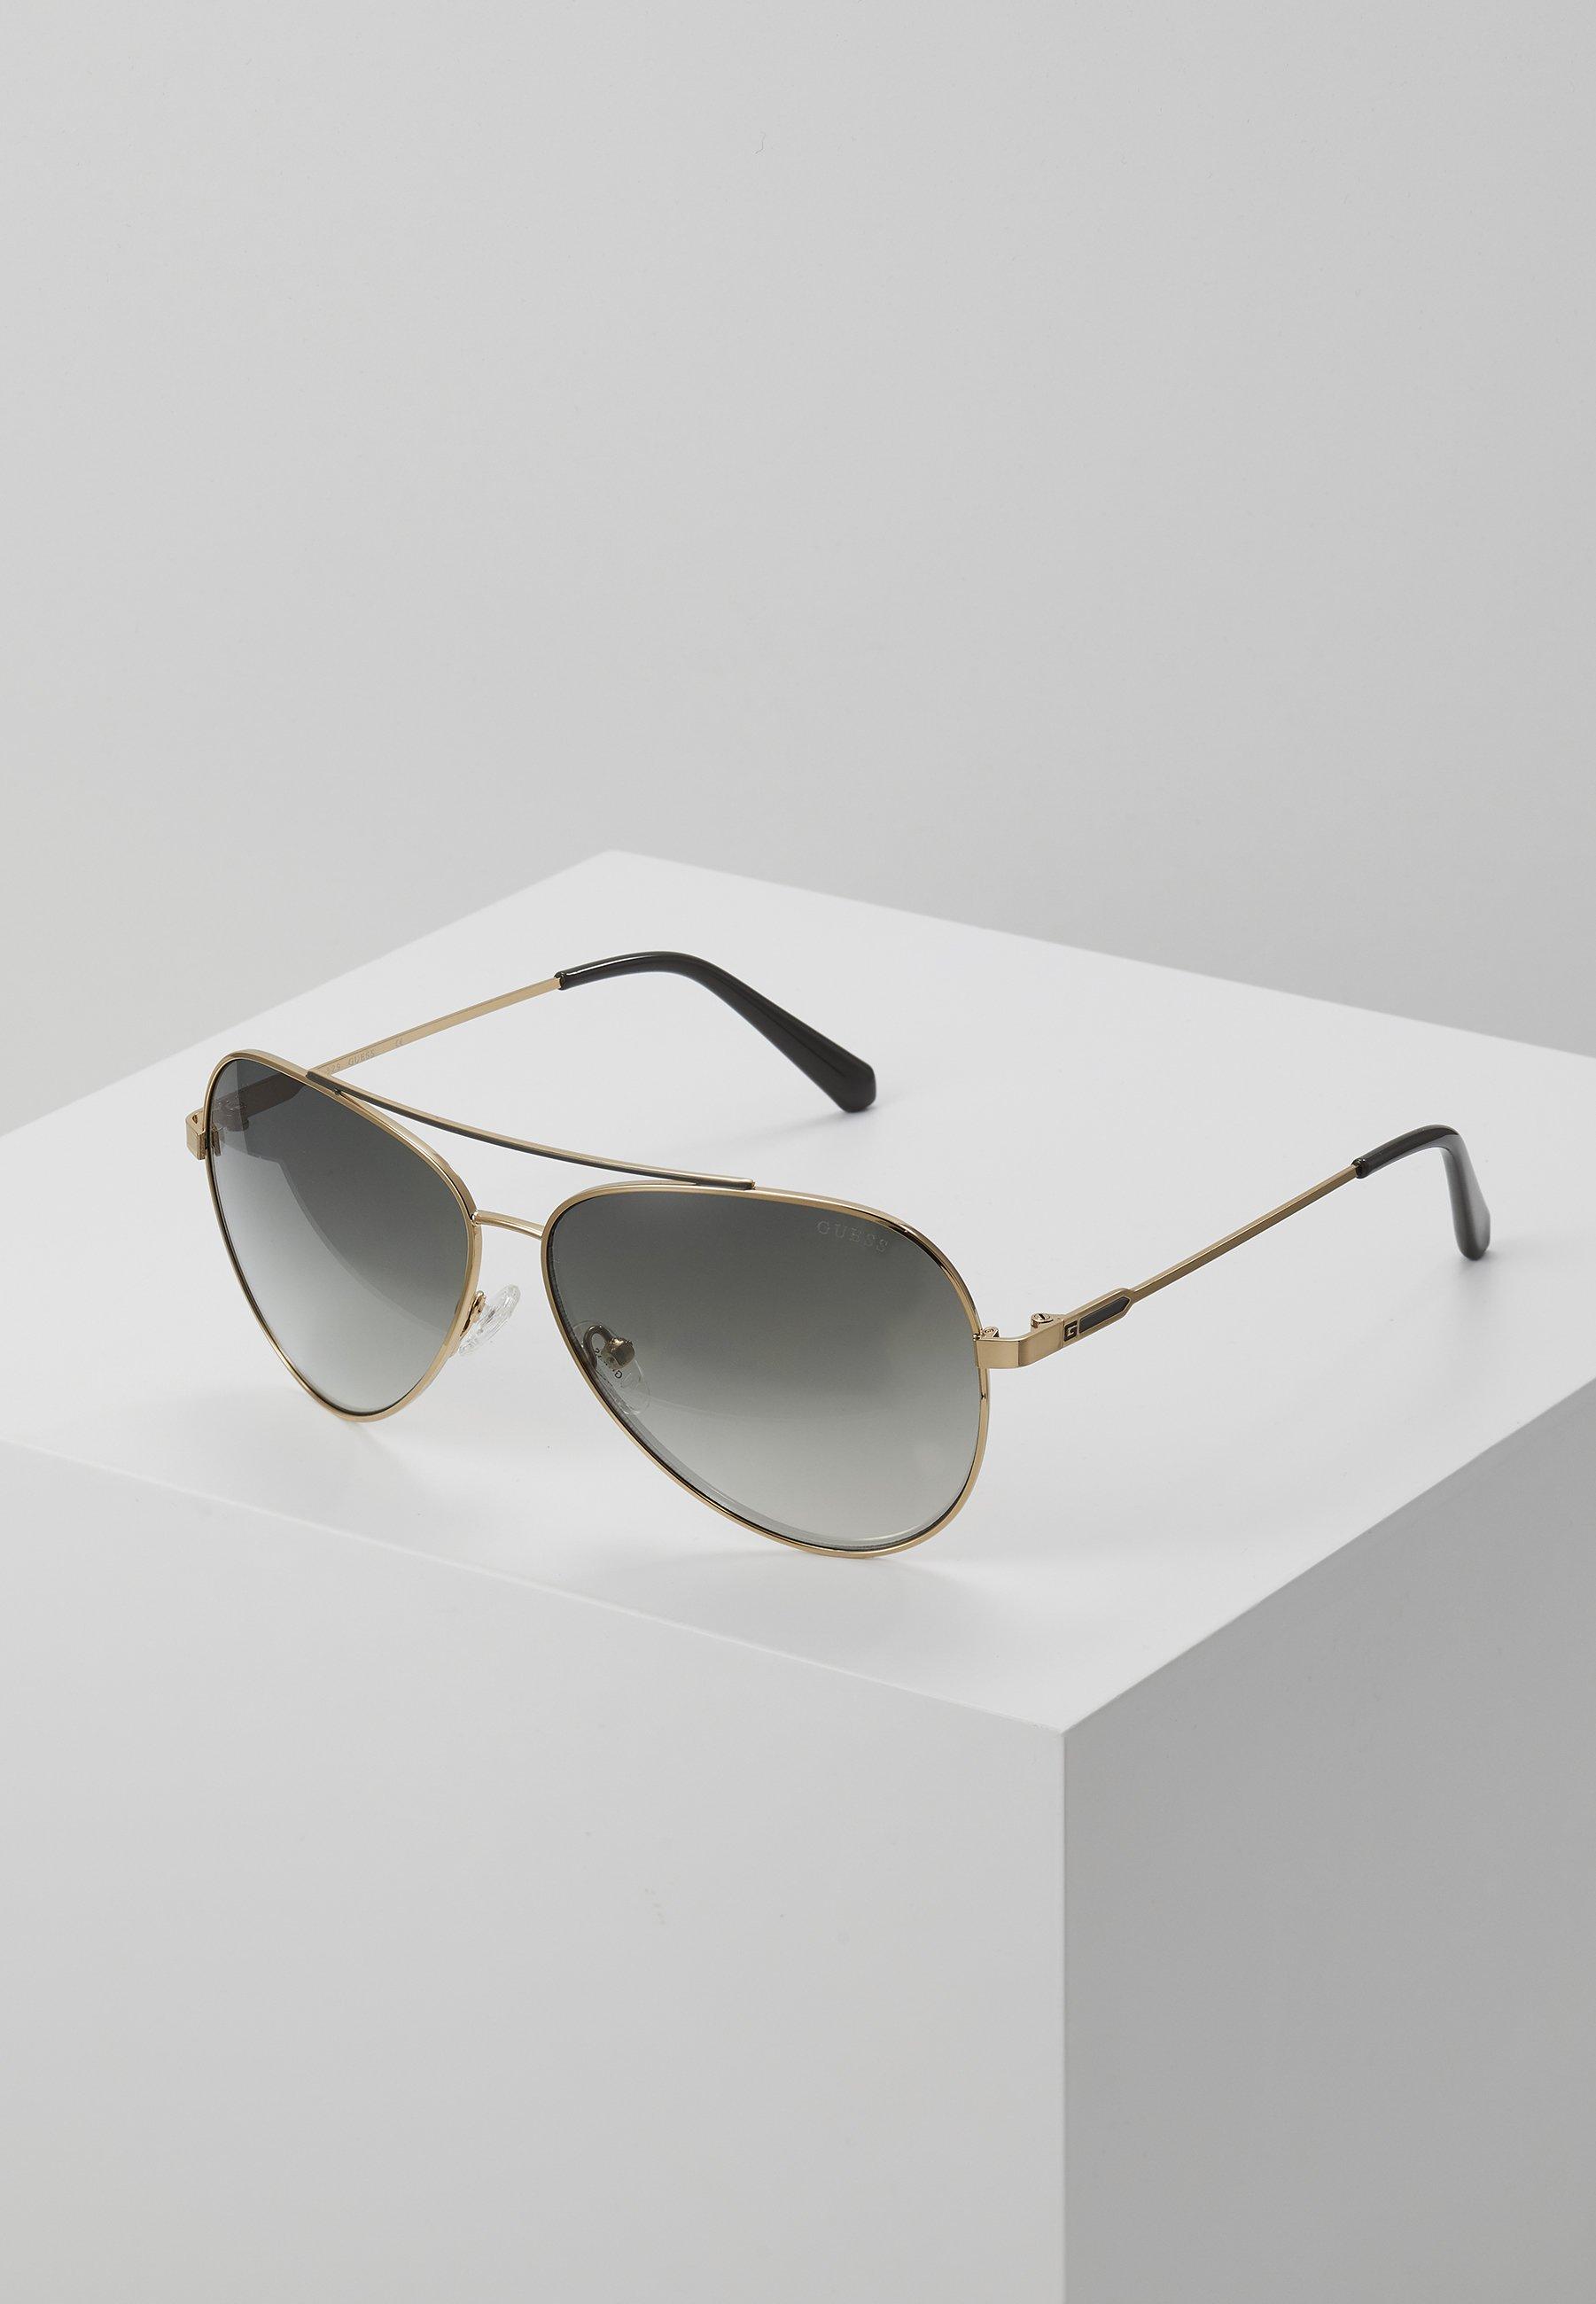 Dobra sprzedaż Gorąca wyprzedaż Guess Okulary przeciwsłoneczne - gold-coloured/green gradient | Akcesoria męskie 2020 500cC